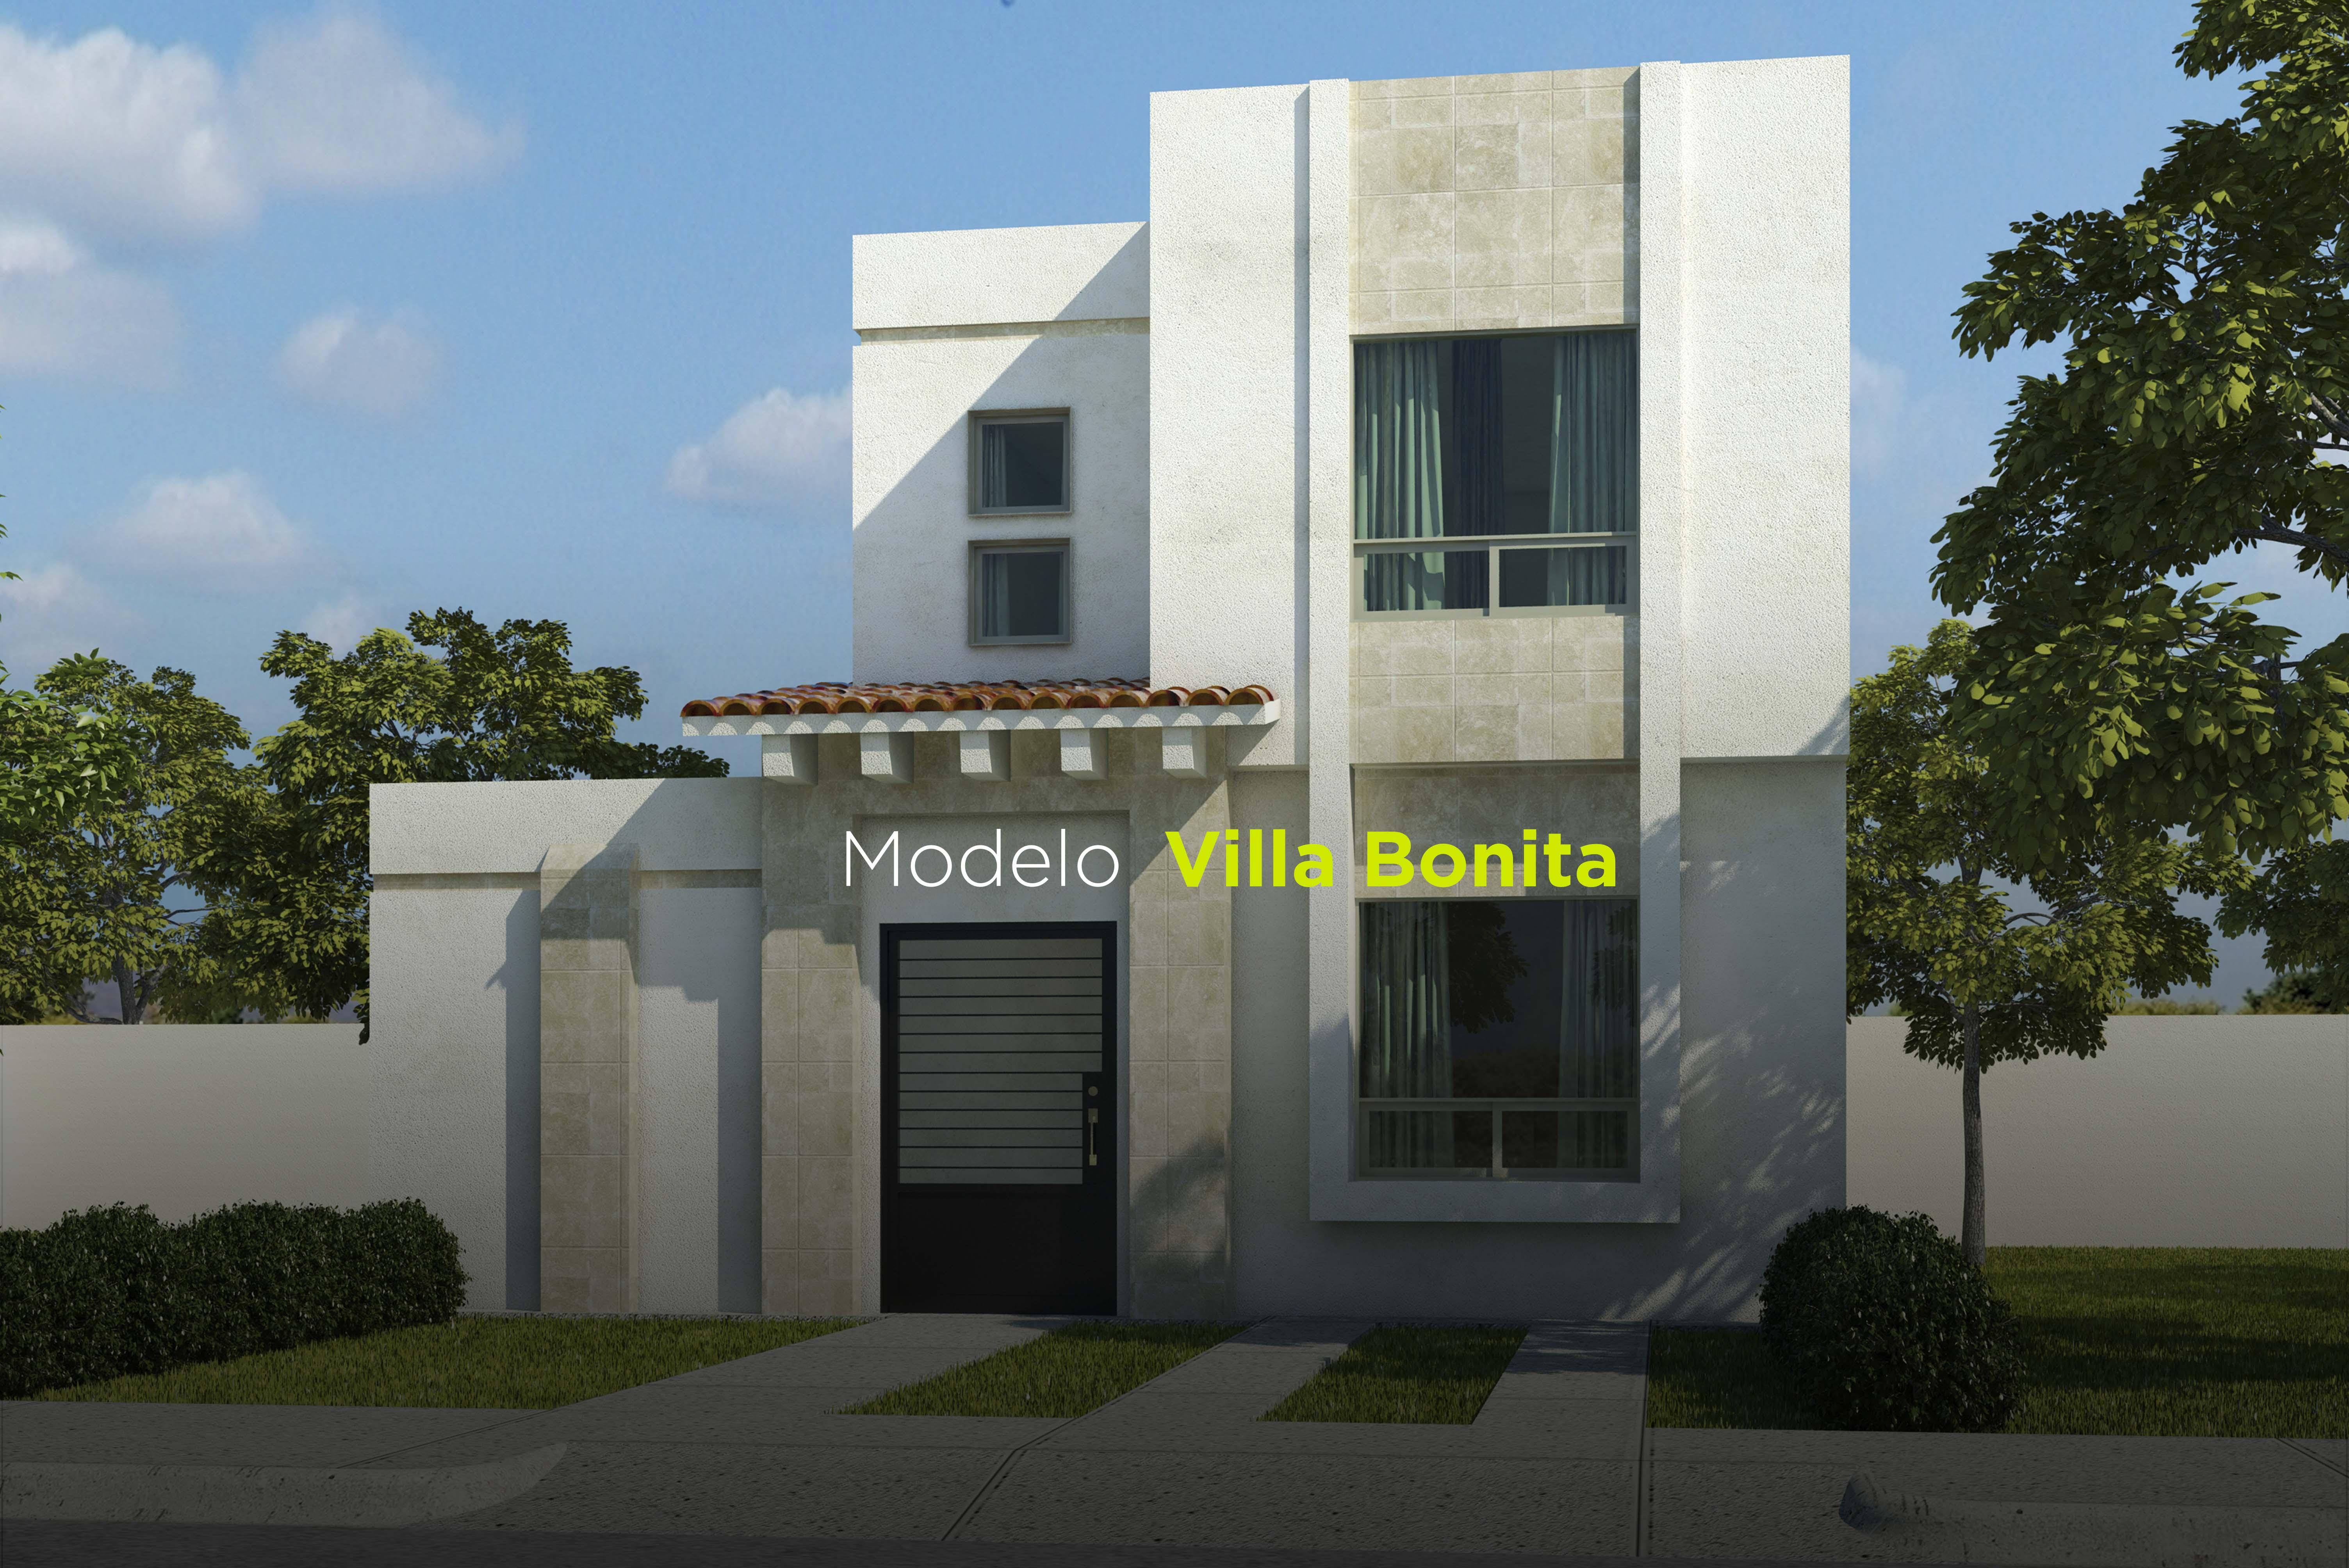 Modelo Arquitect Nico Villa Bonita Jisa Bienes Ra Ces